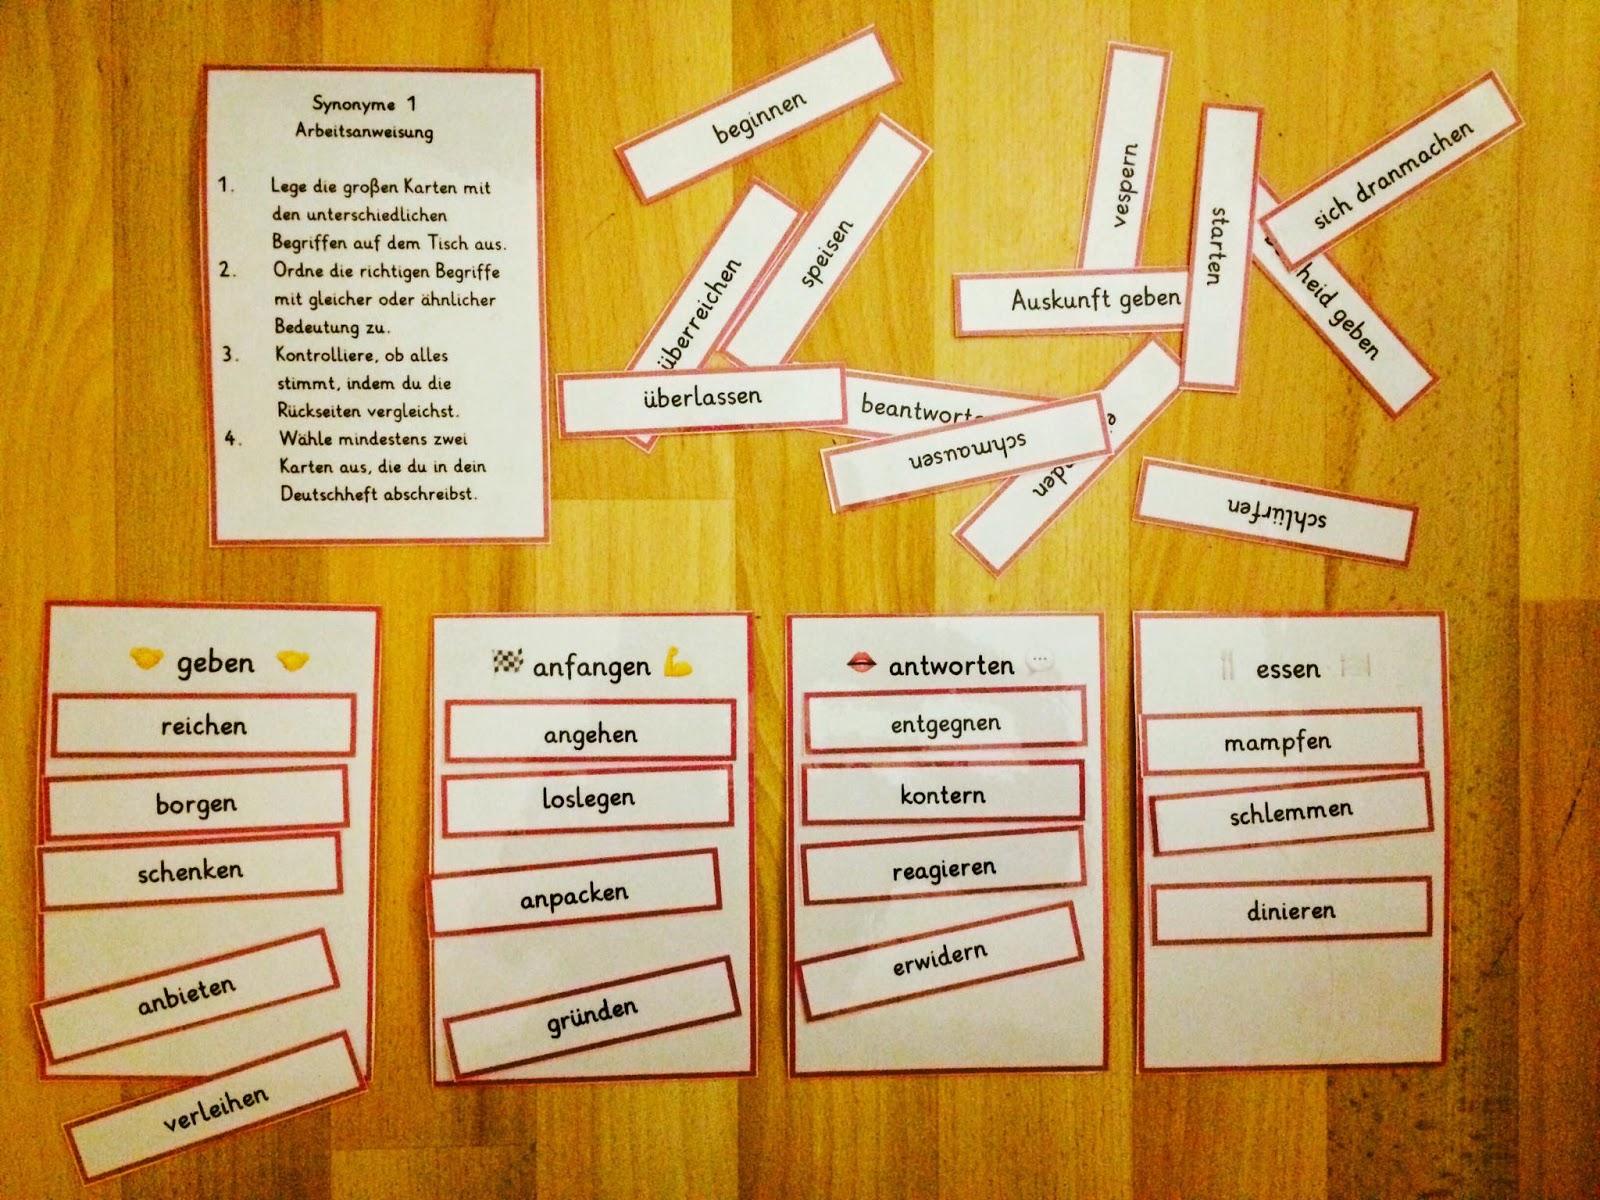 Immer die gleichen w rter synonyme helfen teil 3 4 - Helfen synonym ...